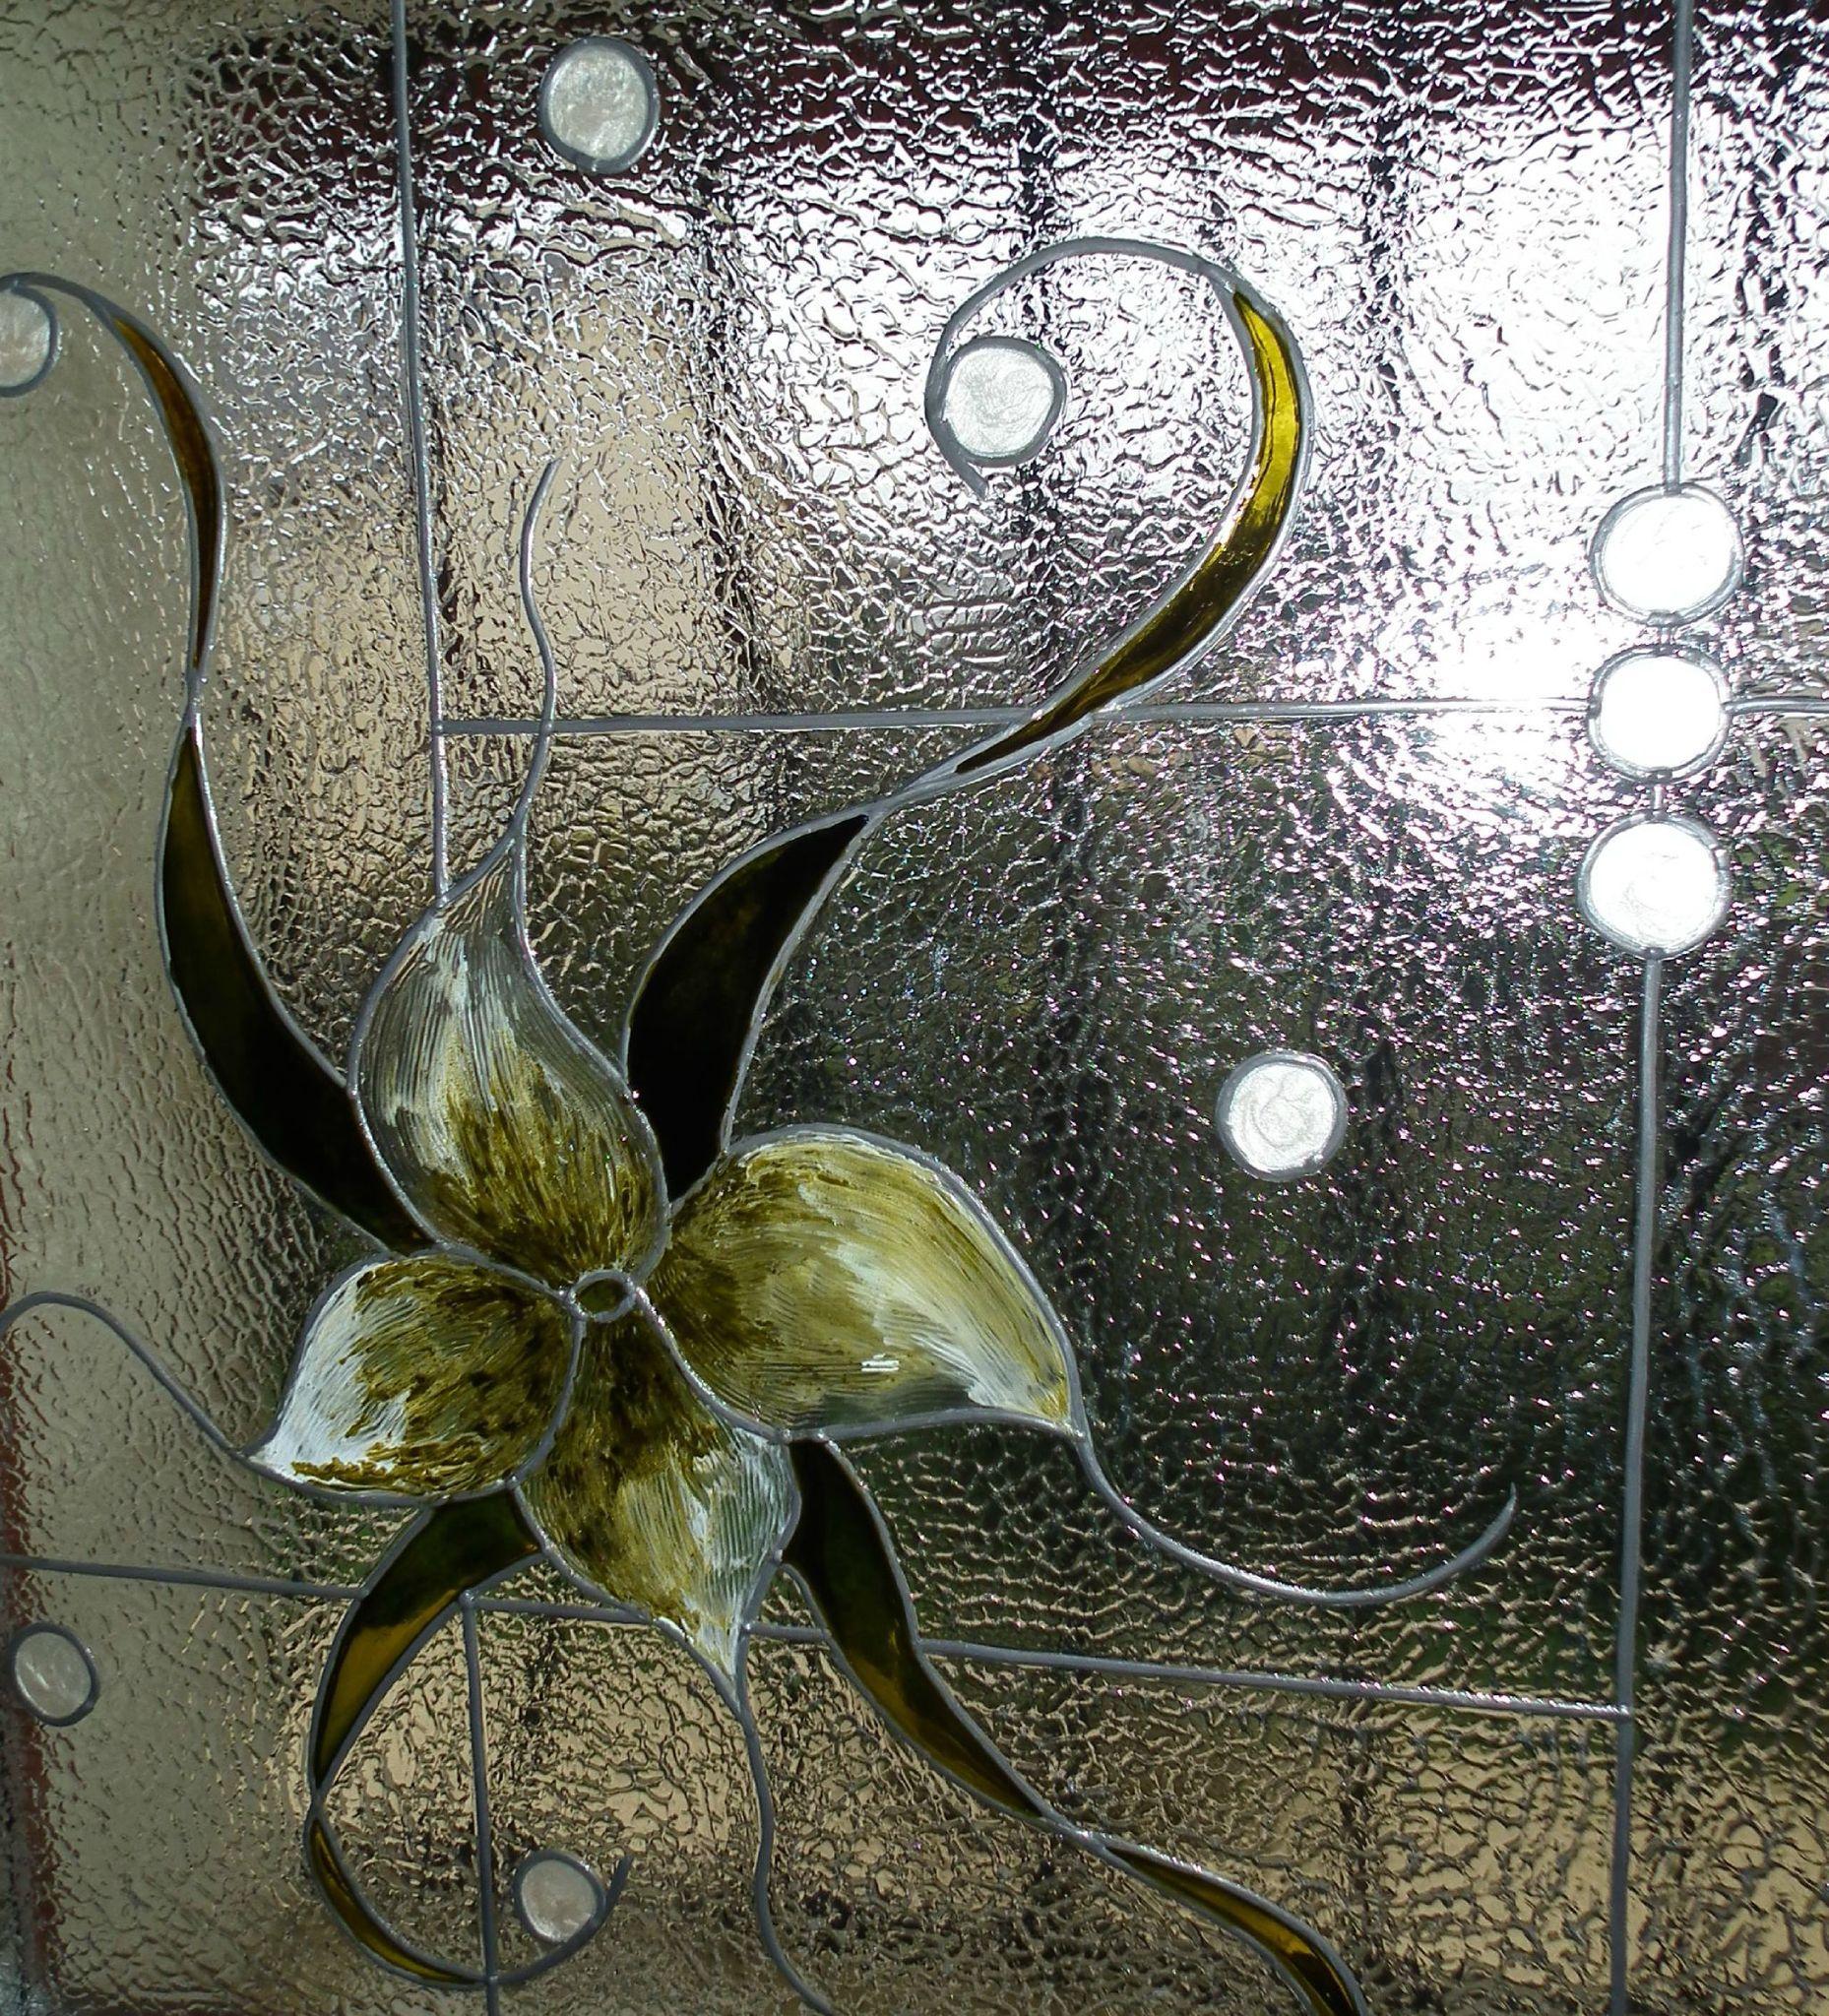 peinture acrylique sur toile patron gratuit image mag. Black Bedroom Furniture Sets. Home Design Ideas